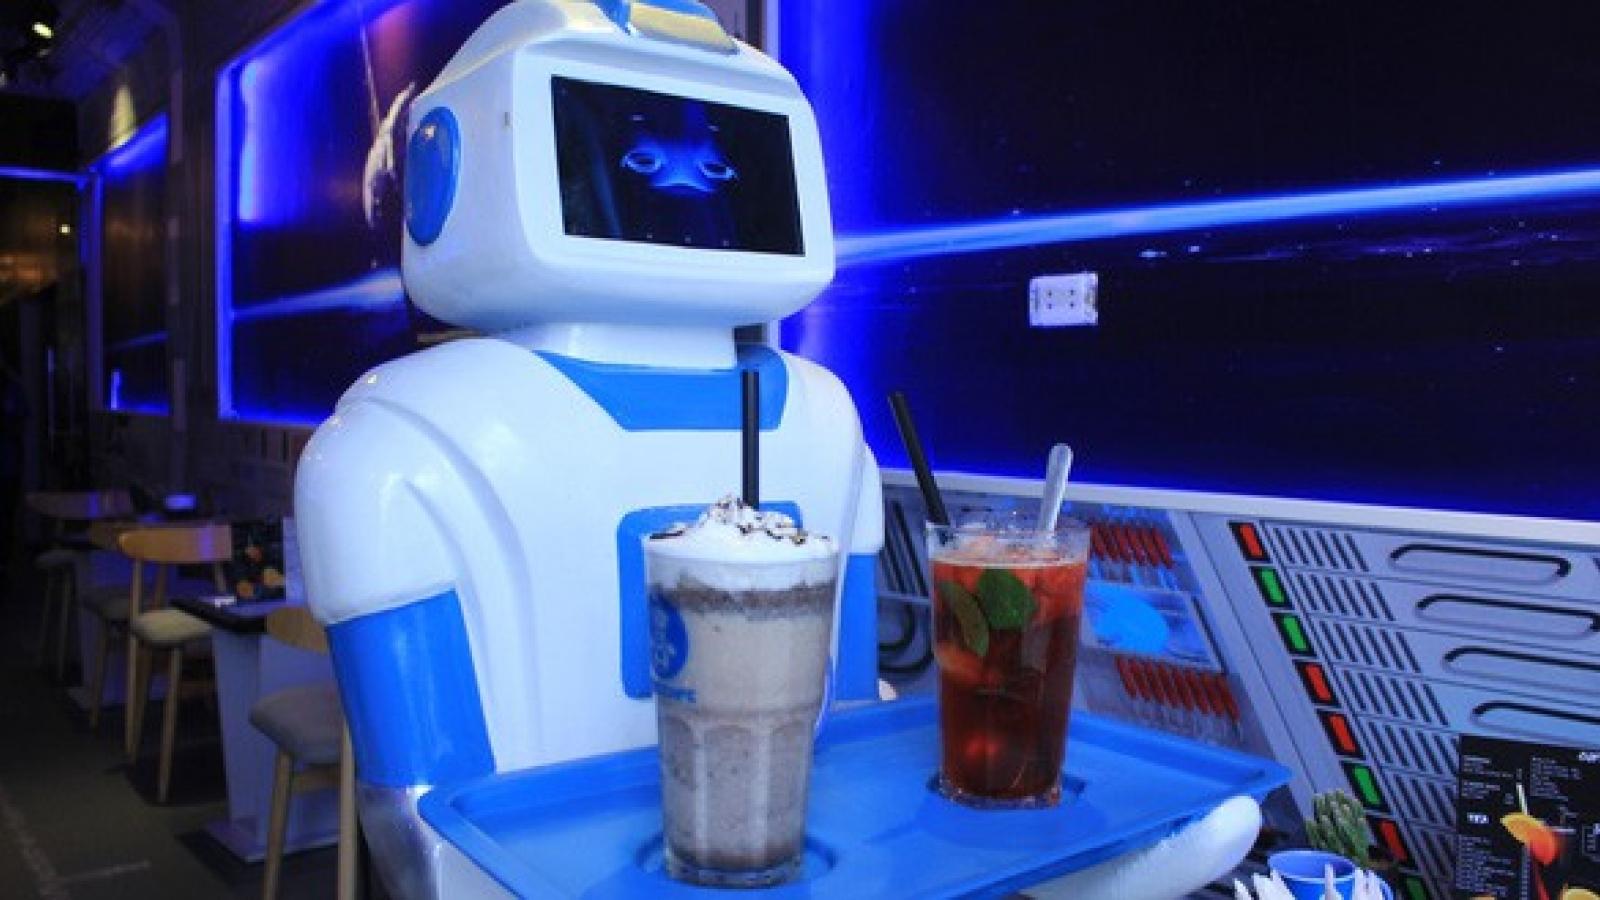 Nhân viên robot: Phát động làn sóng tự động hóa trong ngành bán lẻ